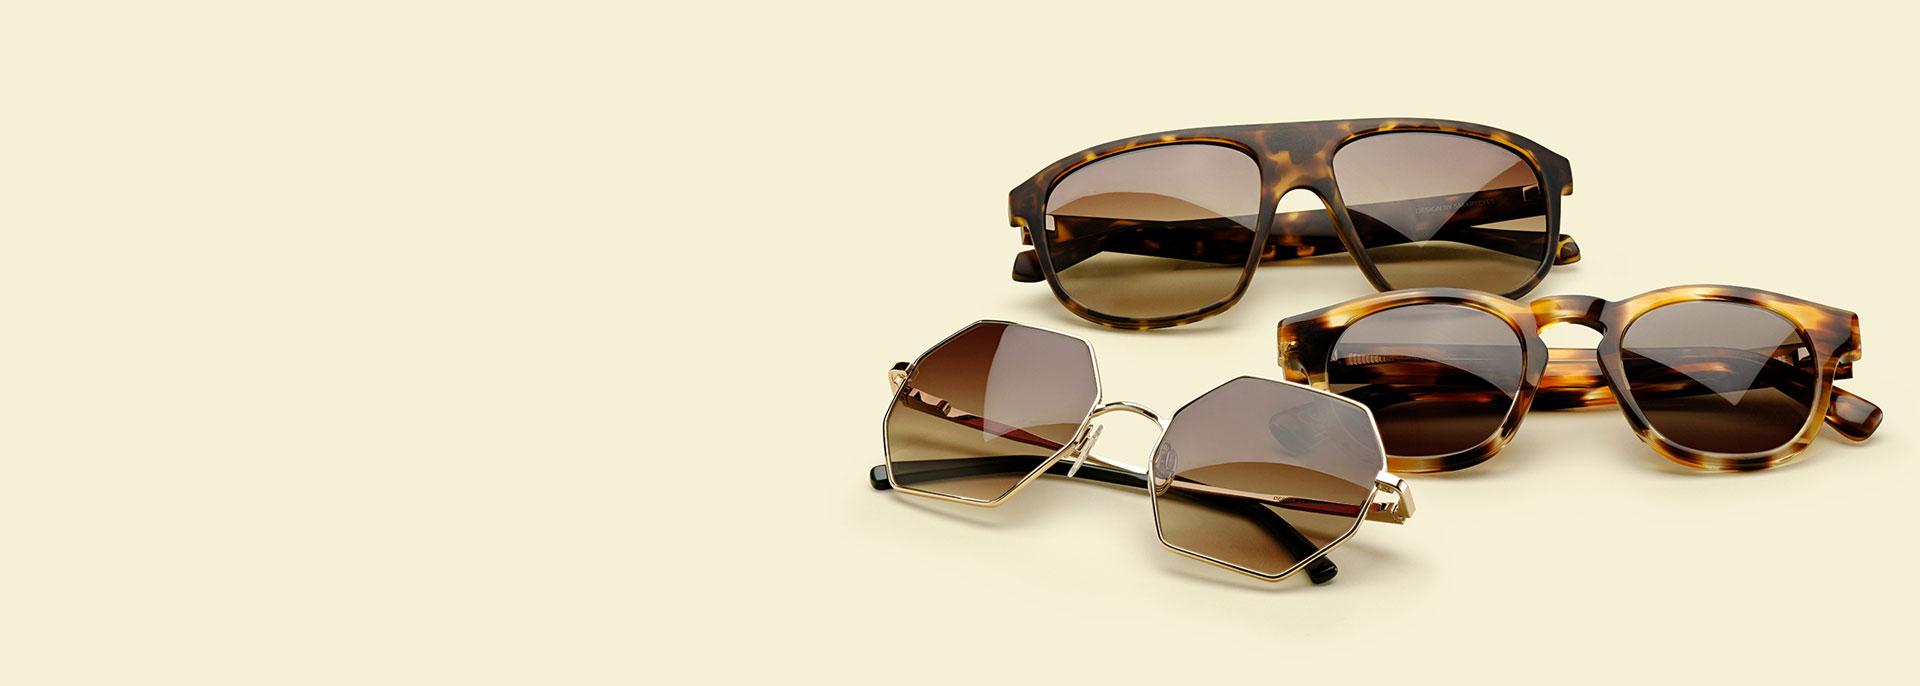 Att tänka på när du väljer solglasögon | Smarteyes